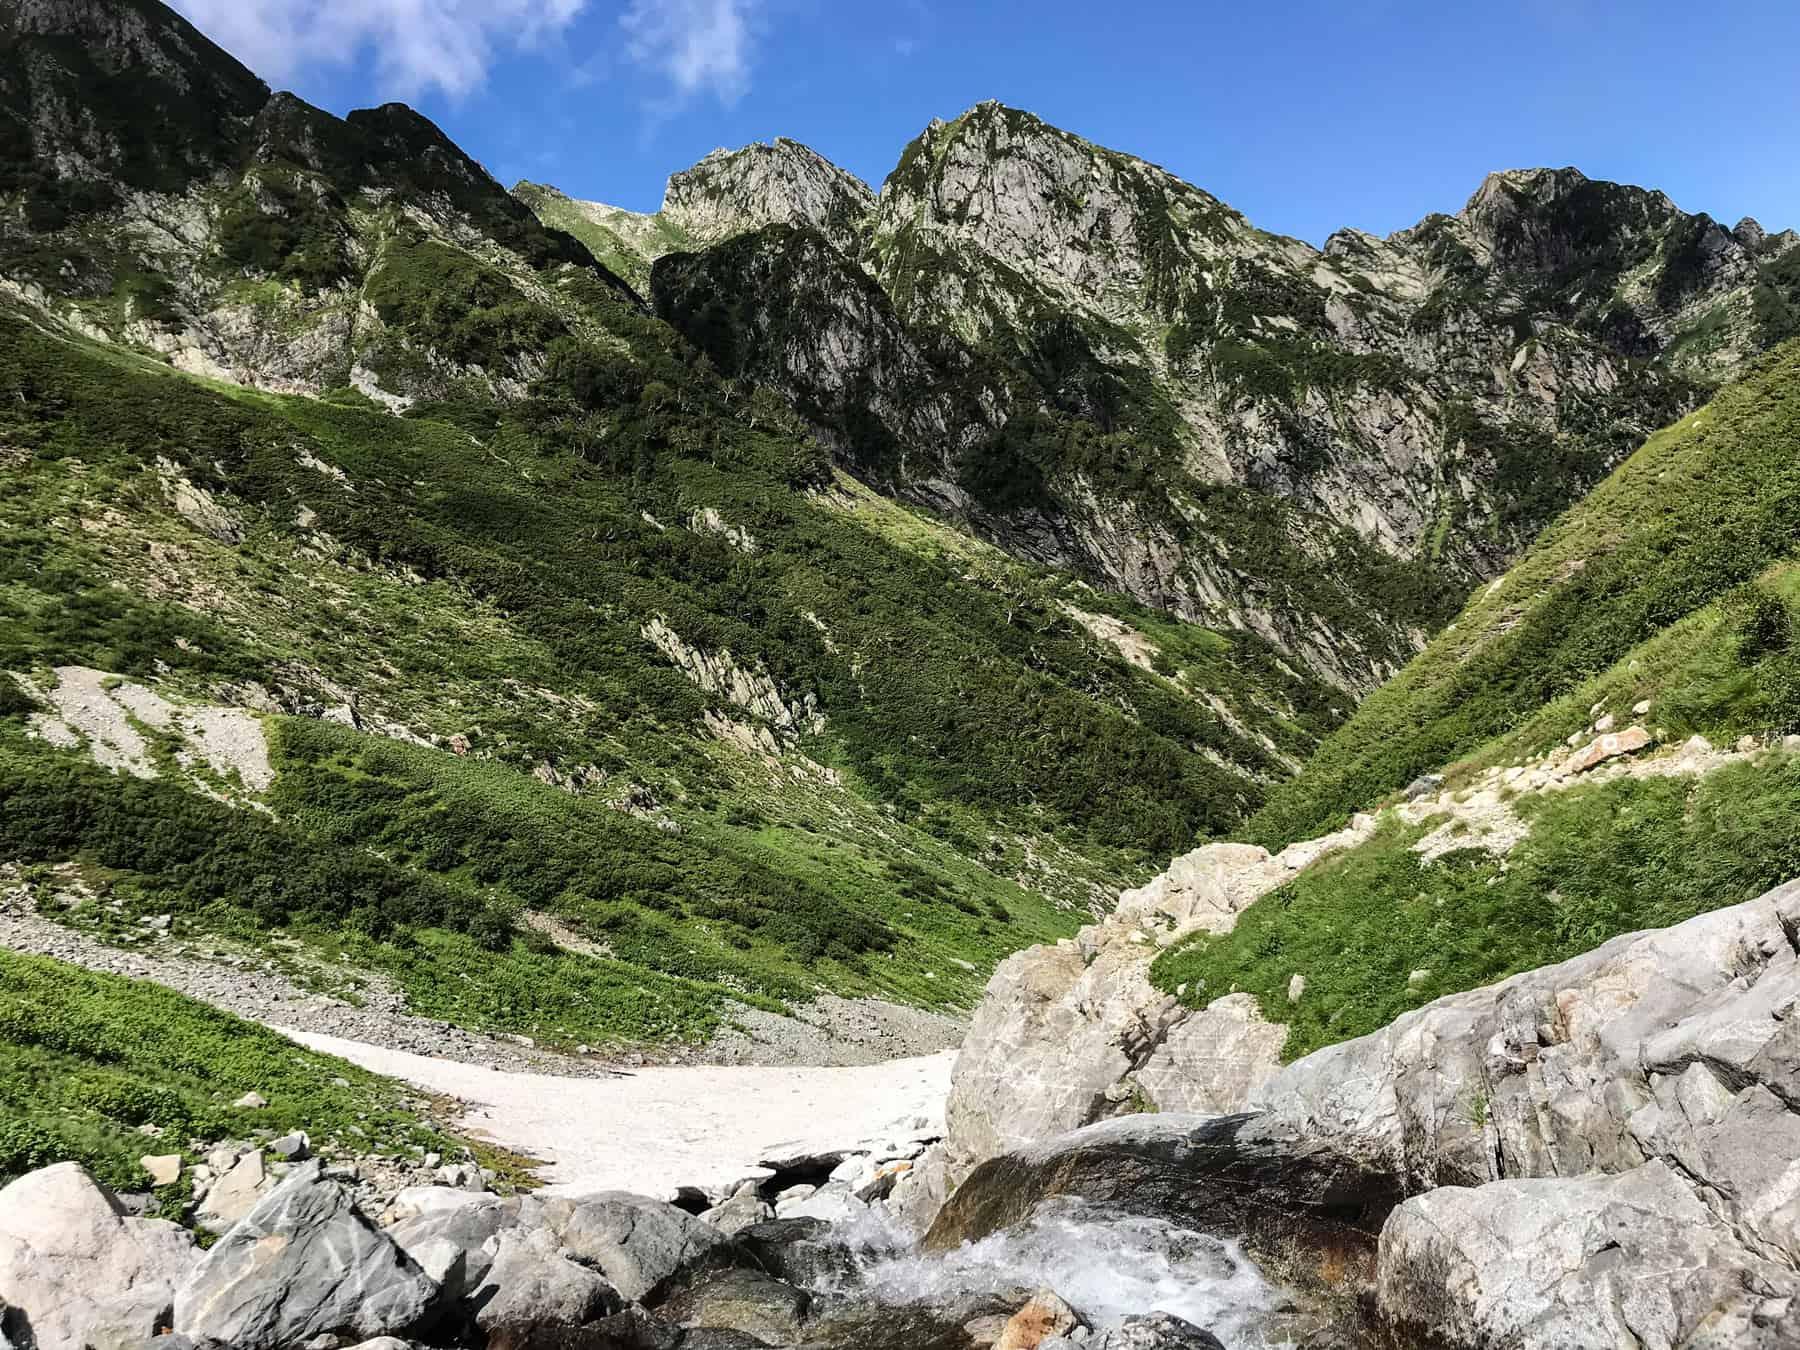 Field Report: Mount Tsurugi IMG_0621